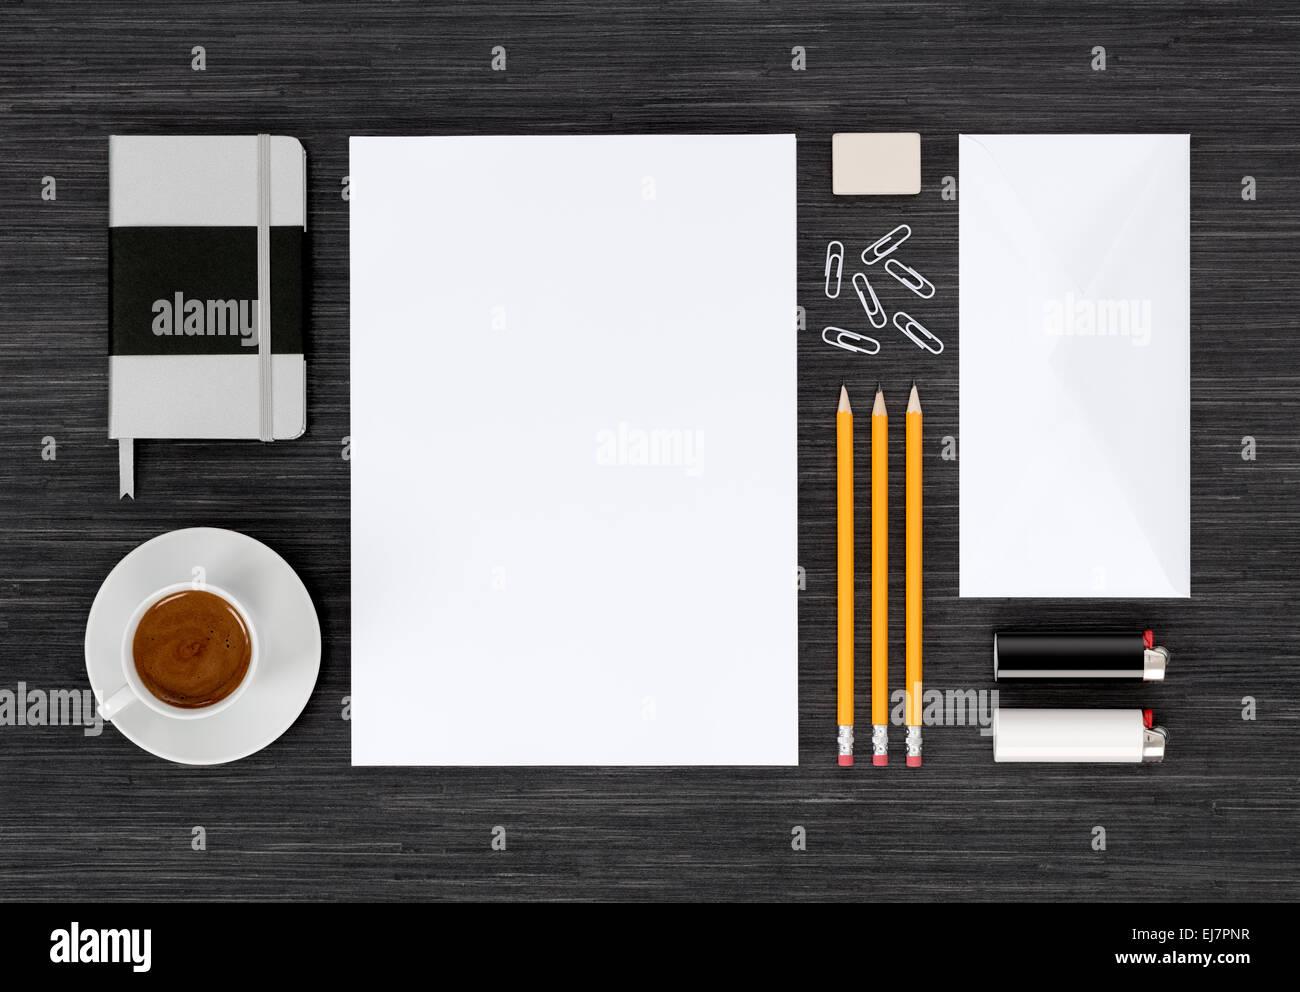 Branding Identität mock-up mit Vorlagen für Design-Präsentation oder ...